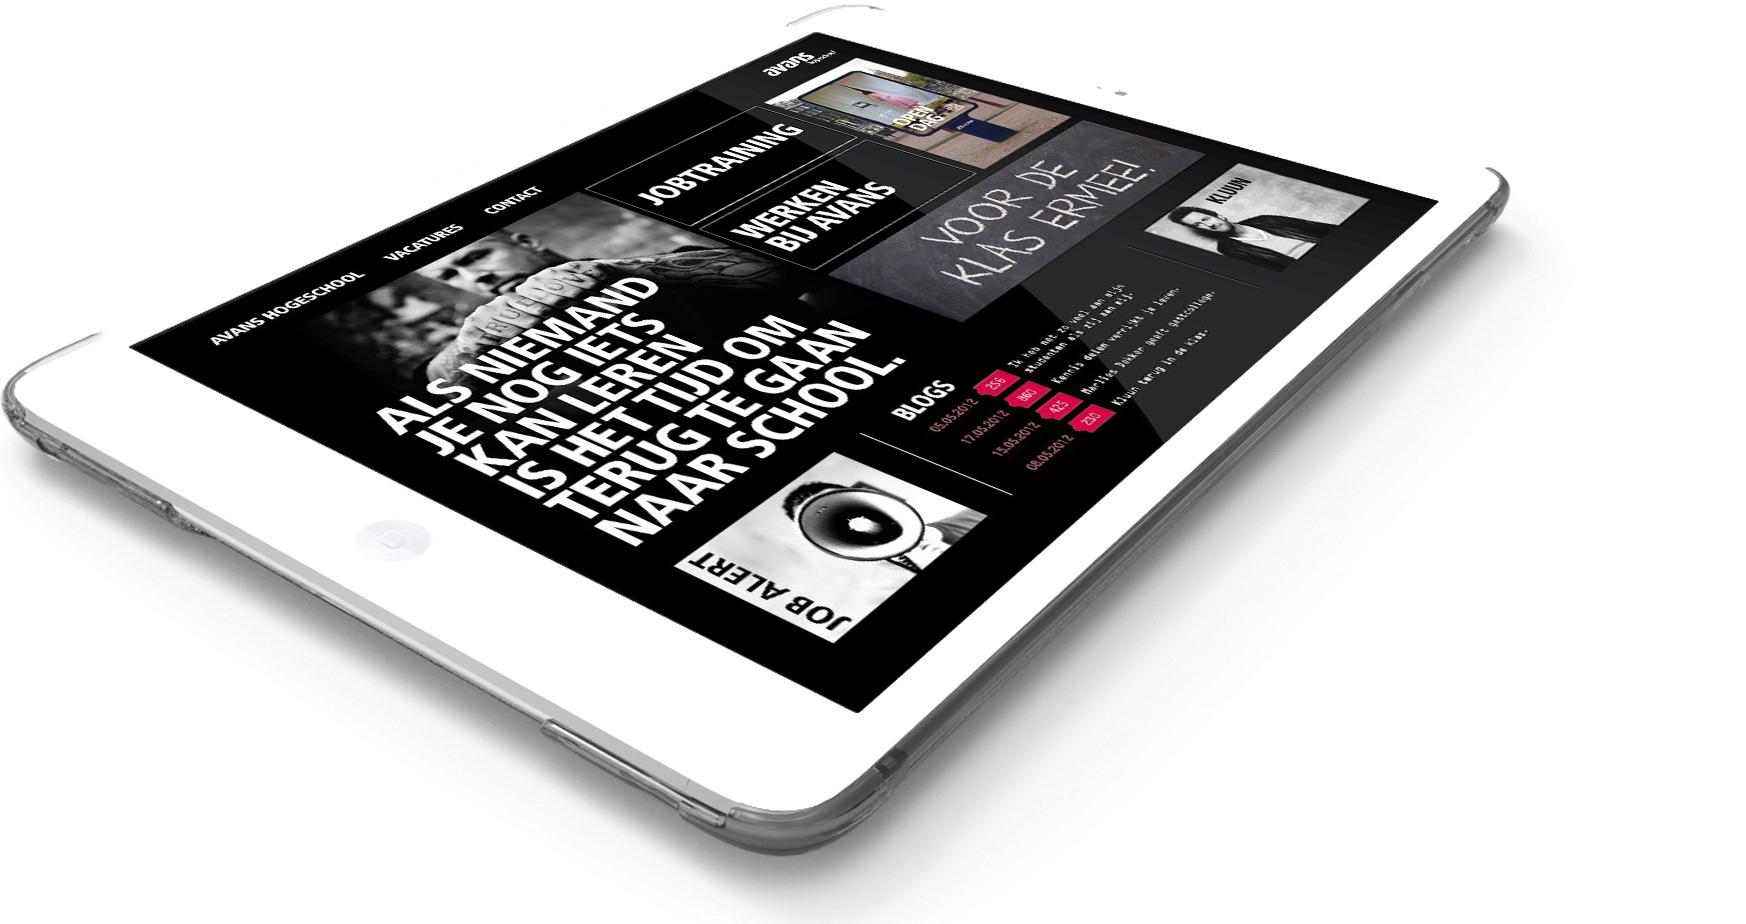 iPad_3.jpg